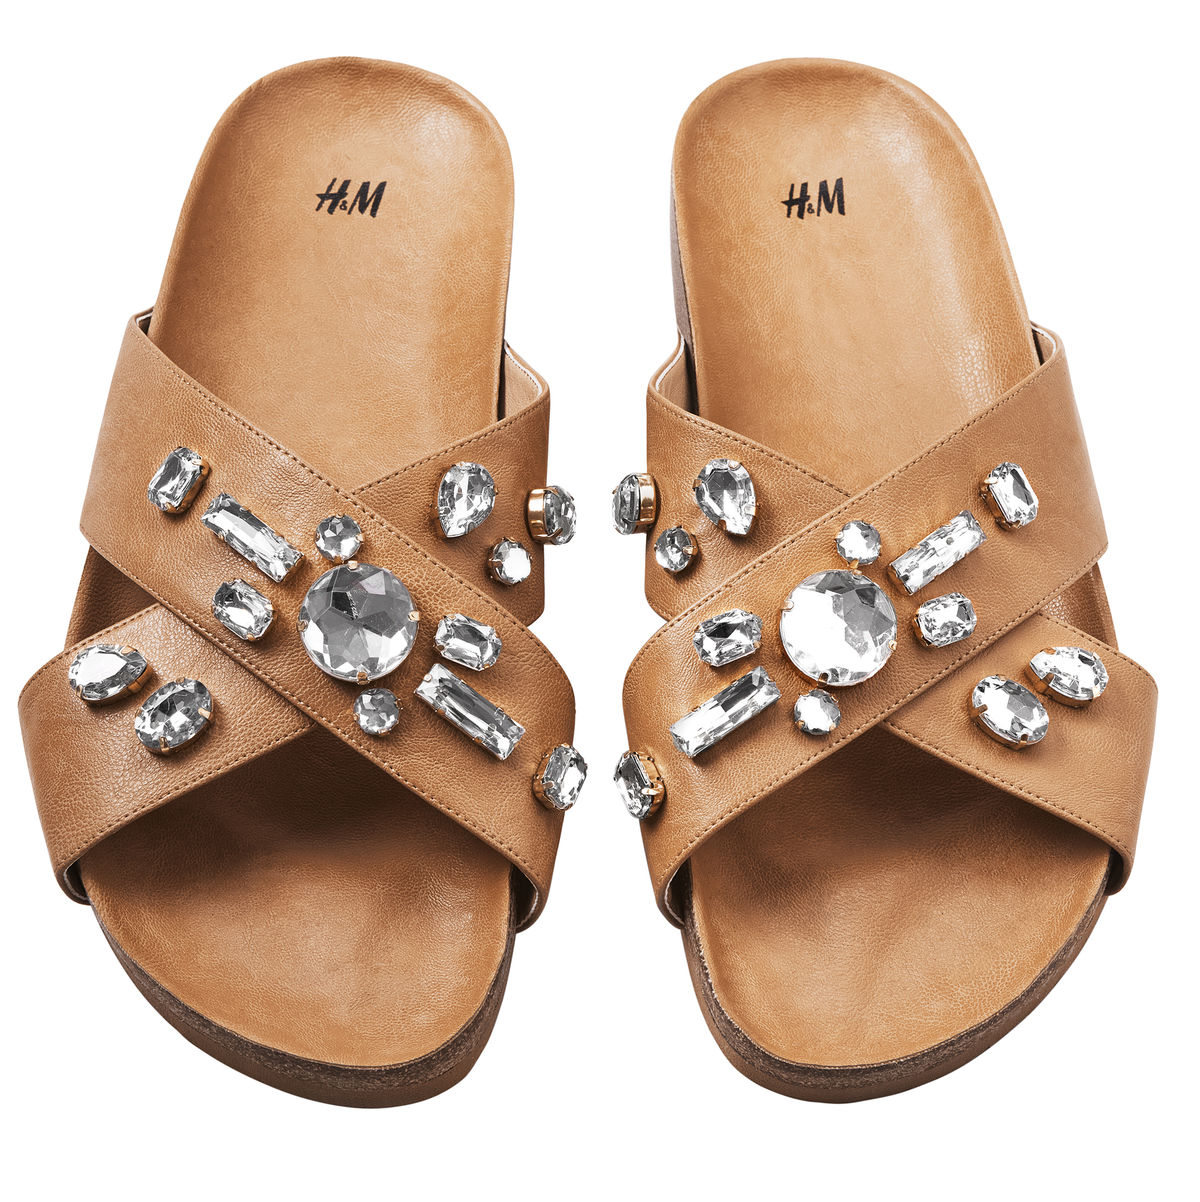 101a3042d318c Aj taká jednoduchá obuv ako sú šľapky môže byť výrazne zdobené - napríklad  flitrami a lesklými